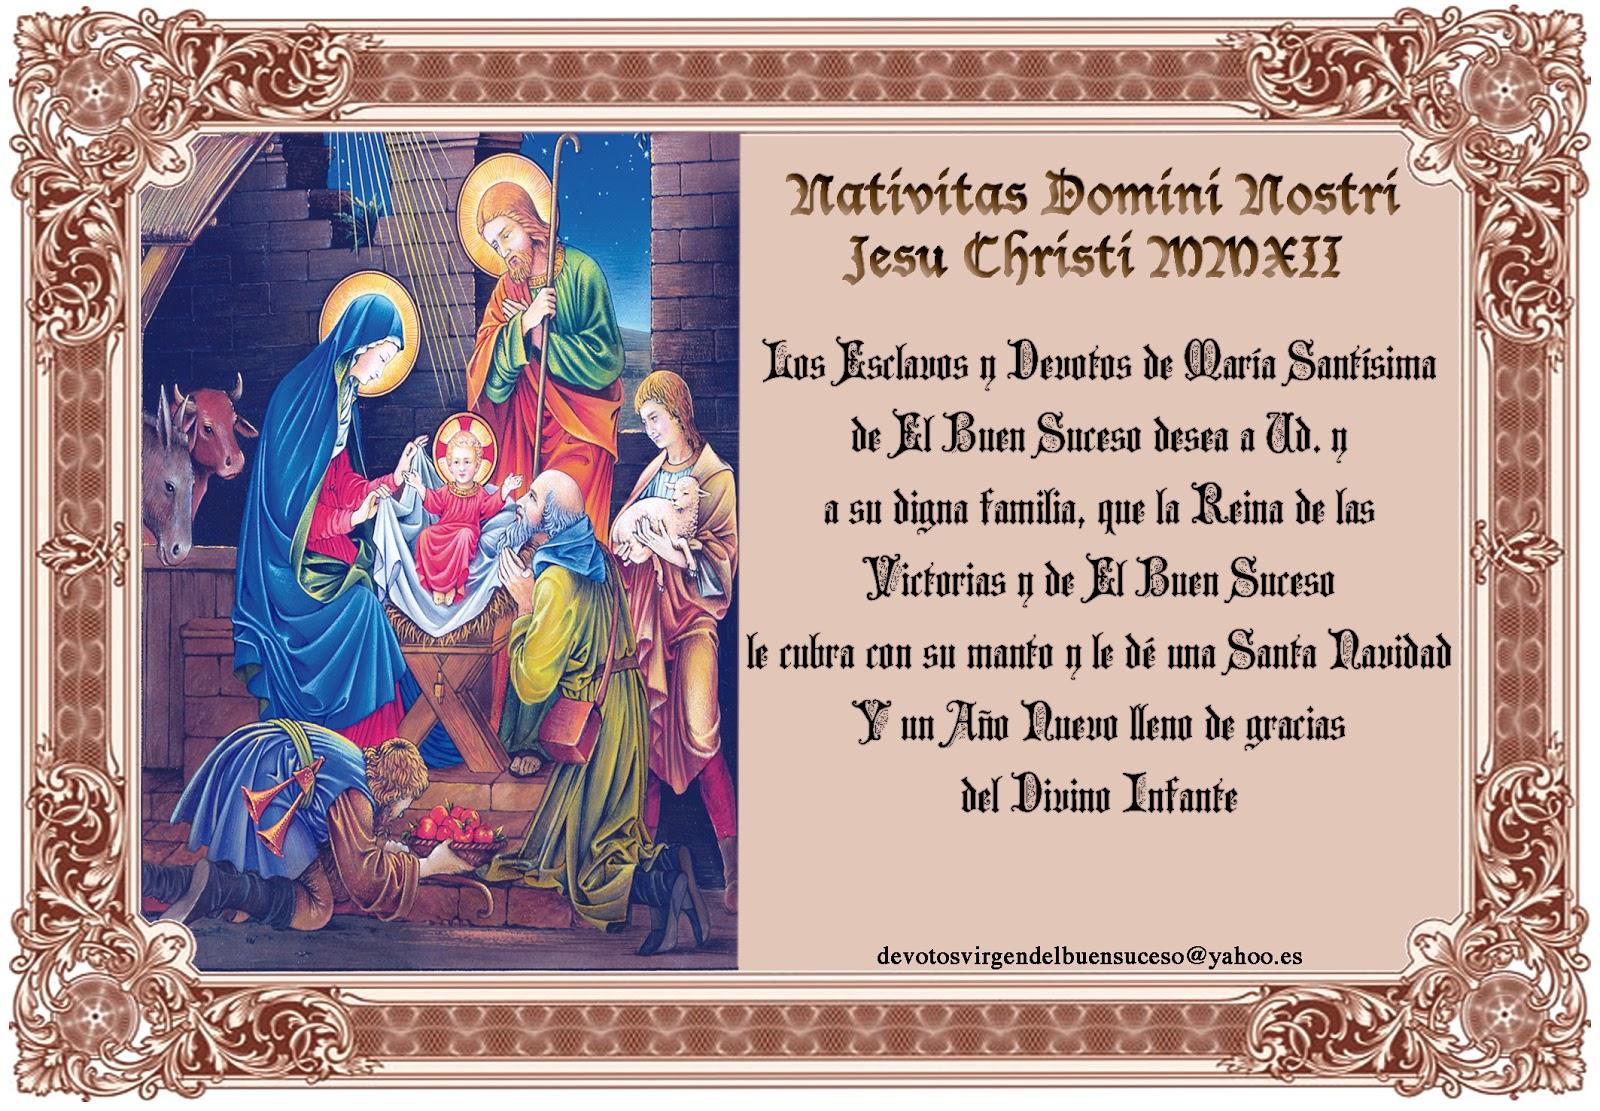 Imagenes de felicitaciones de navidad y a o nuevo - Tarjetas felicitacion navidad ...